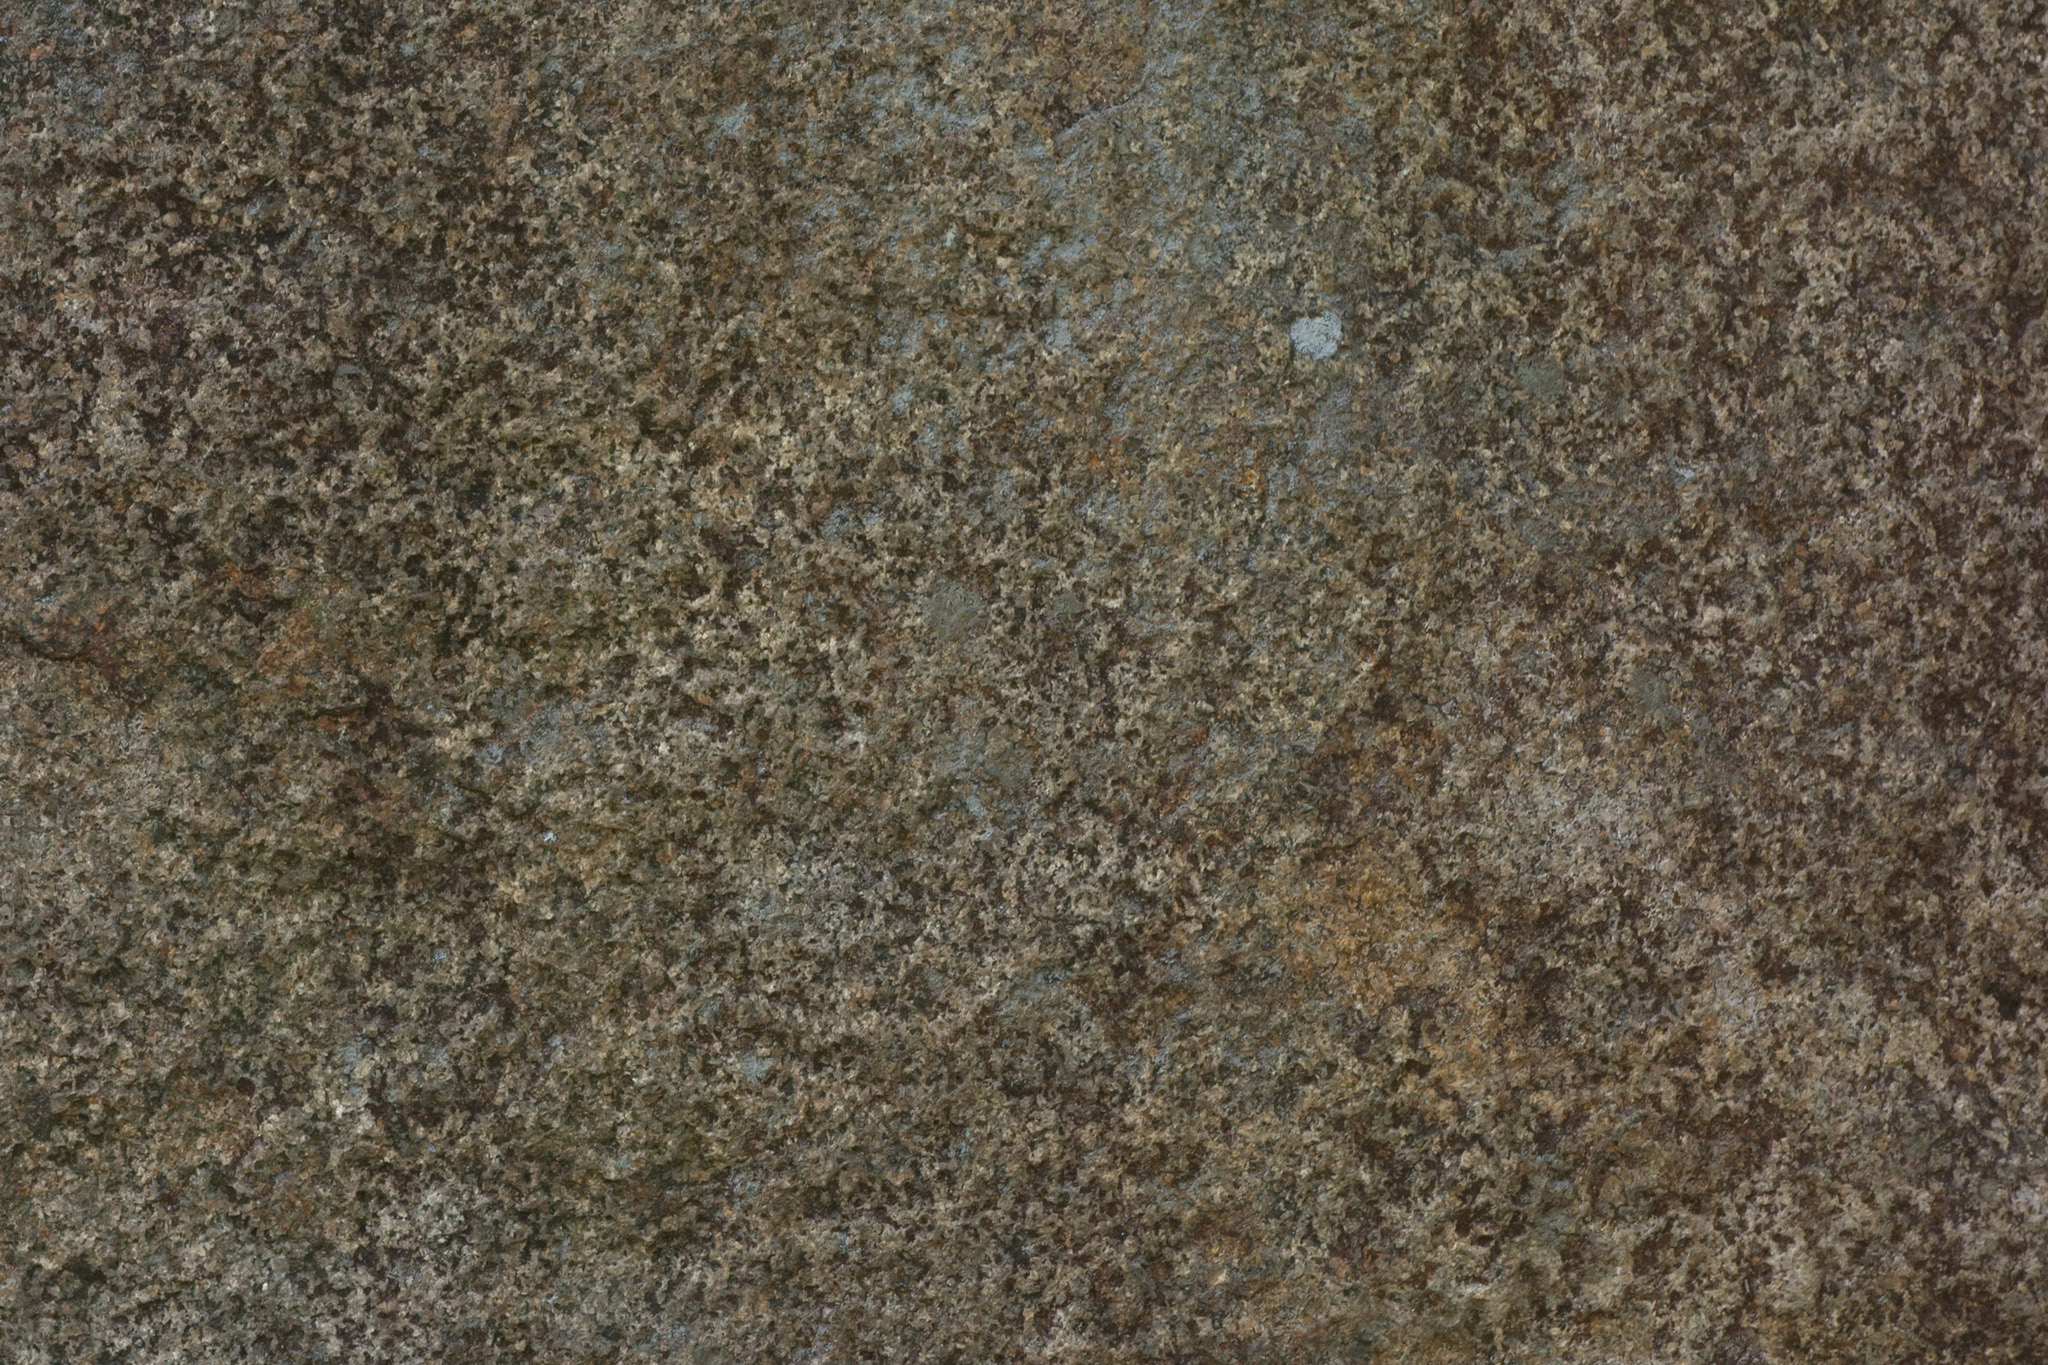 「荒い質感の石の画像素材」